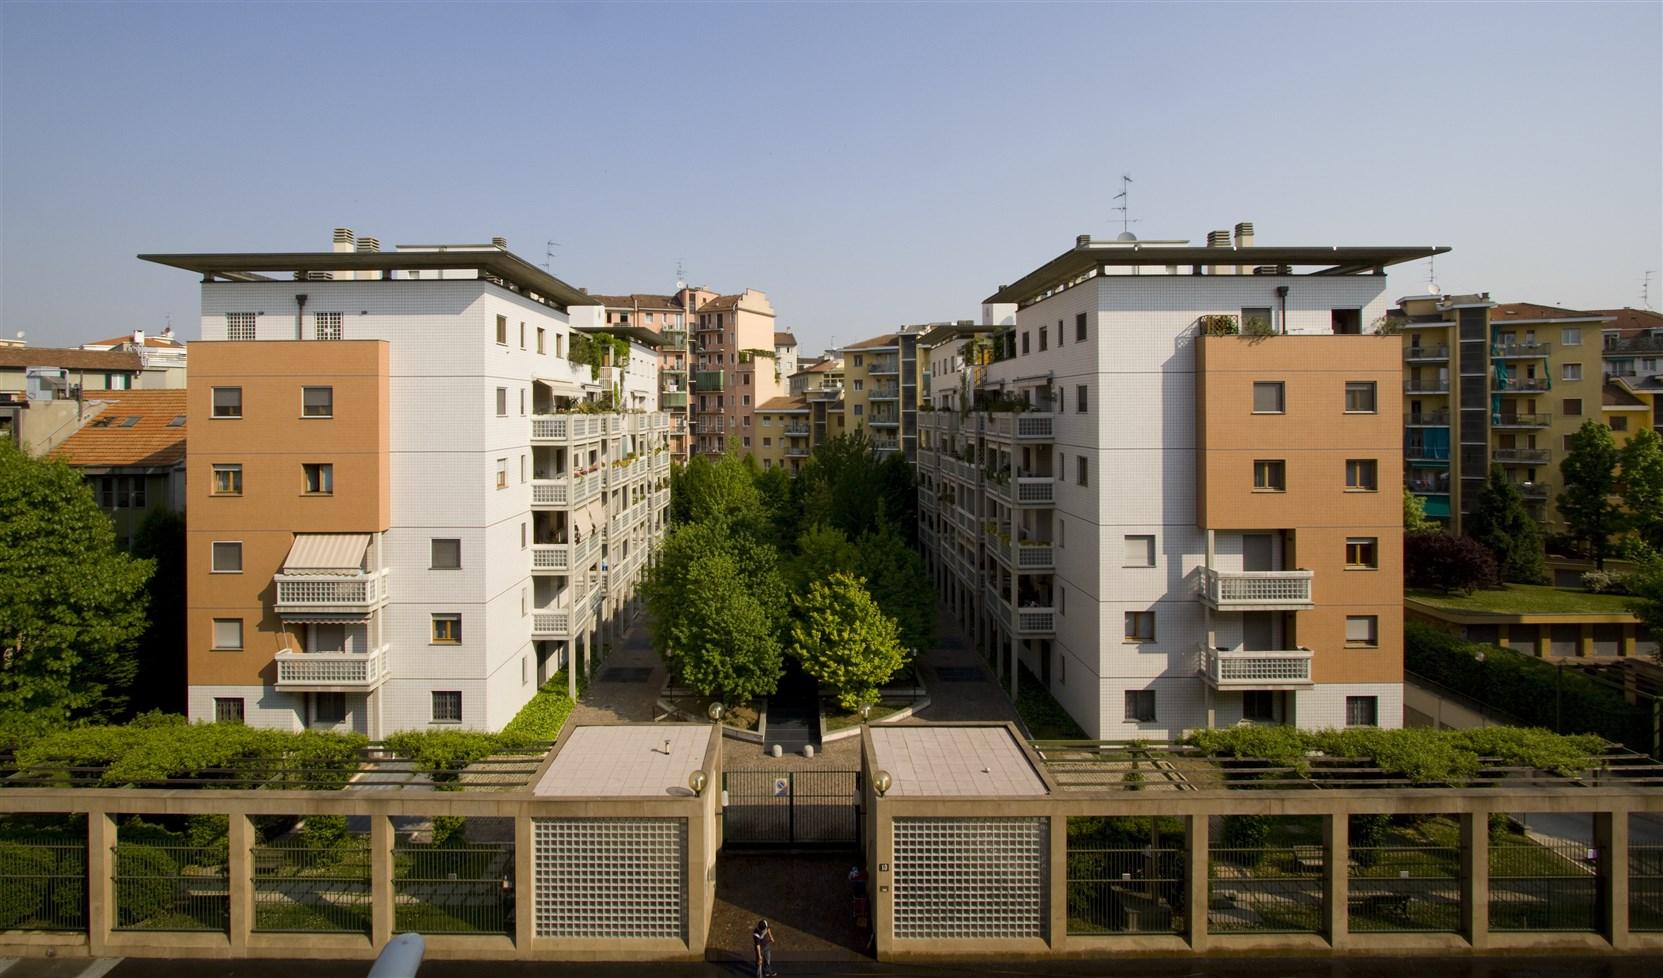 1997 - Via Corti 13